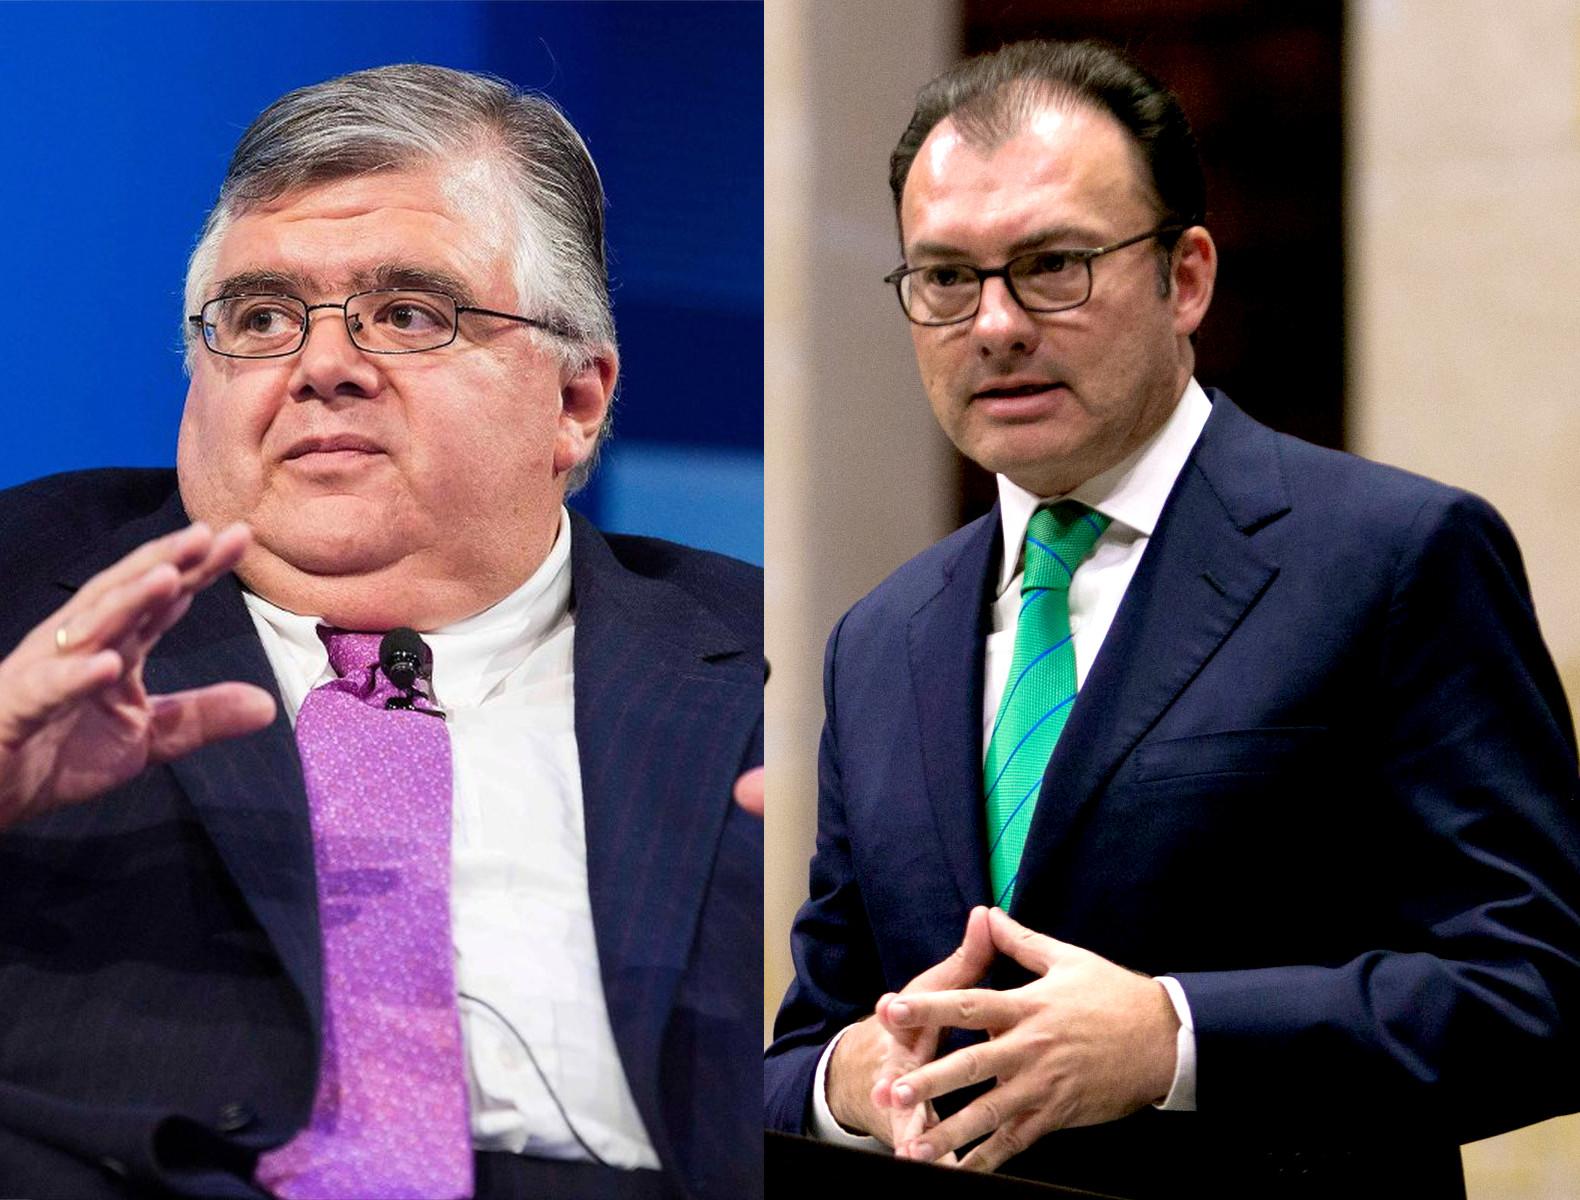 El gobernador Agustín Carstens y el secretario Luis Videgaray anunciaron hoy medidas para enfrentar la incertidumbre y volatilidad financiera global